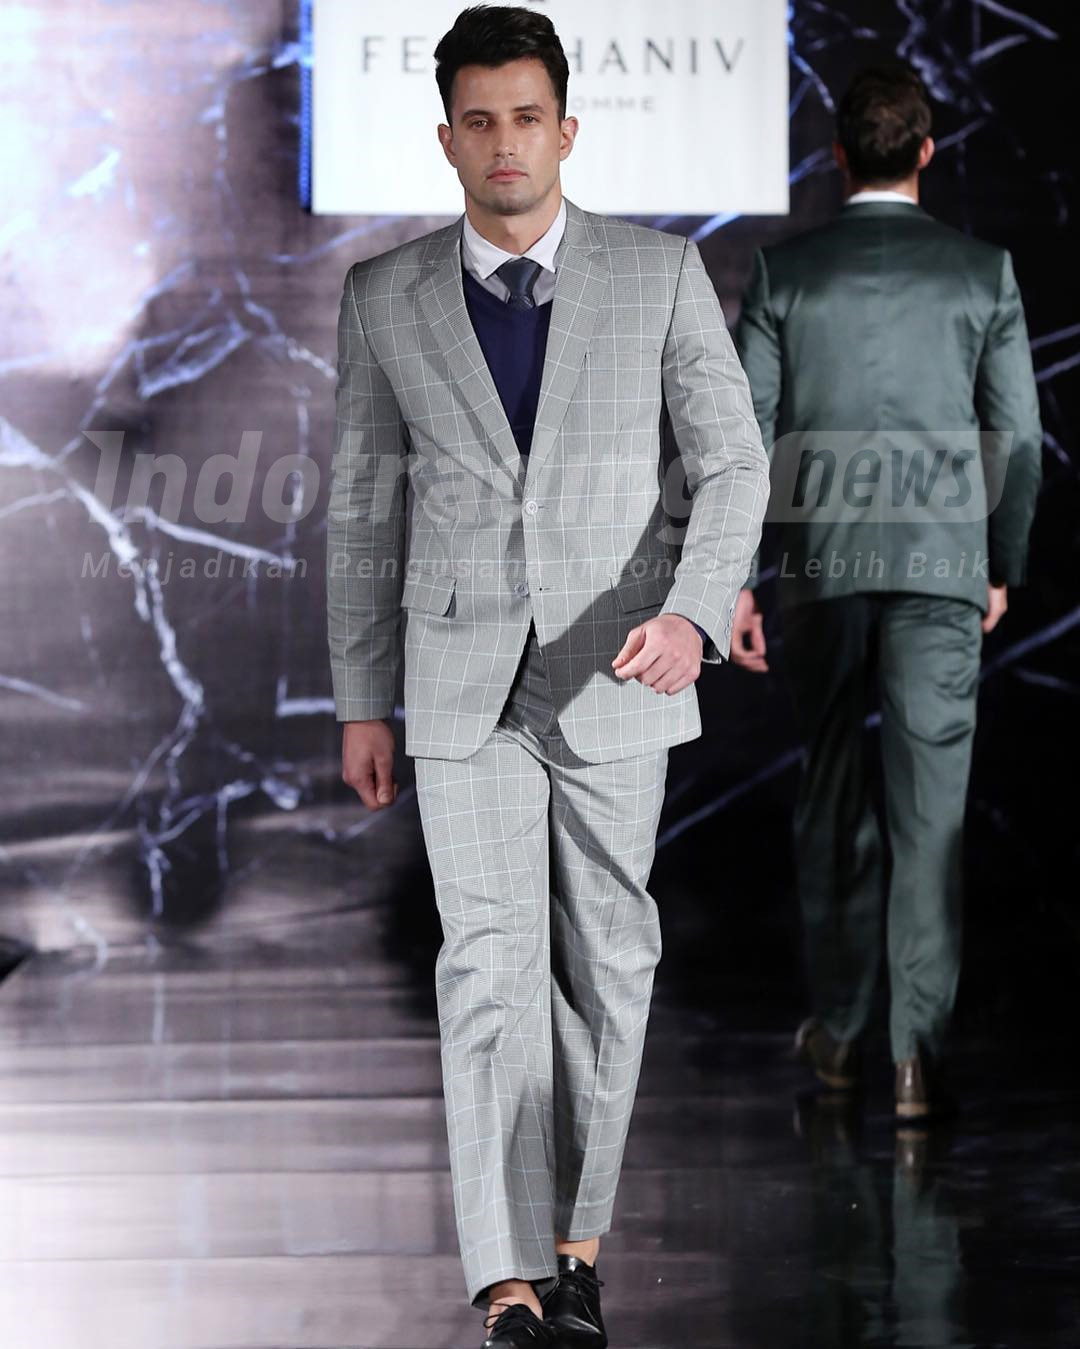 Foto: Busana pria karya Feby Haniv/Dok: indotrading.com